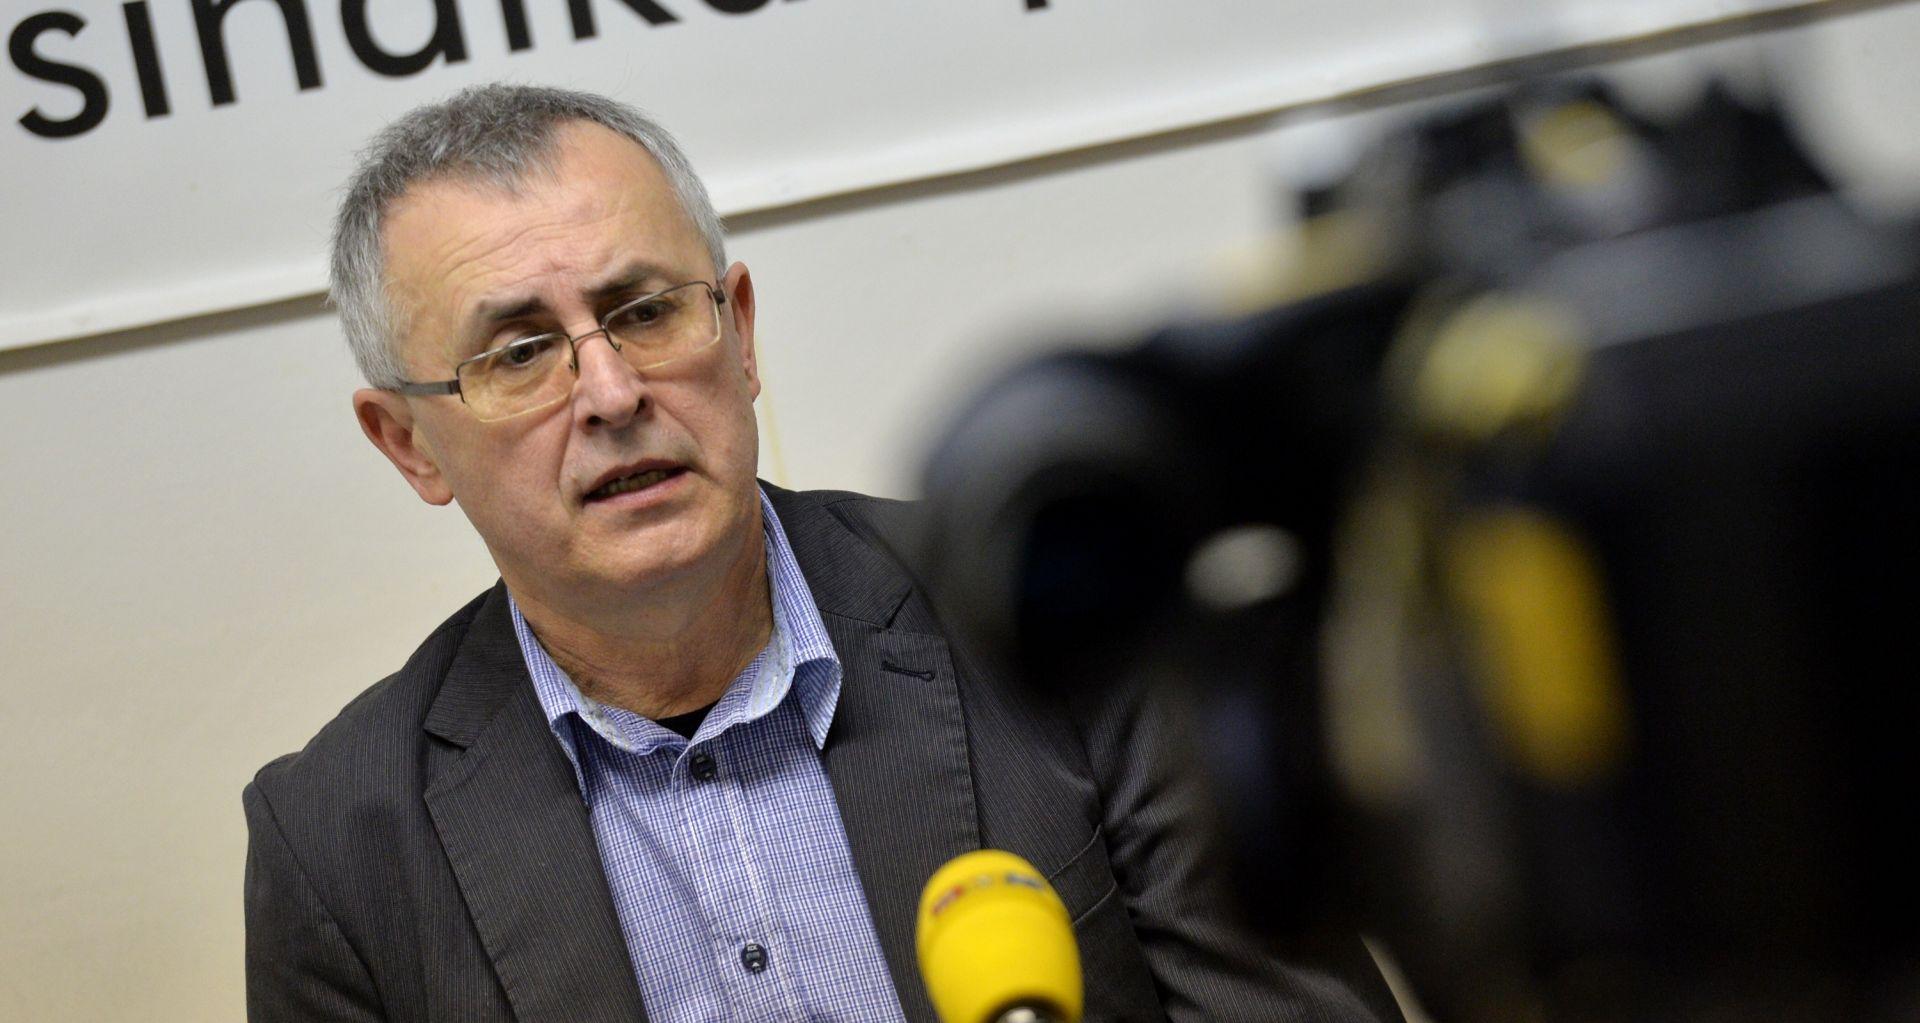 Preporod poziva Šustara da udovoljiti zahtjevima radne skupine za kurikularnu reformu